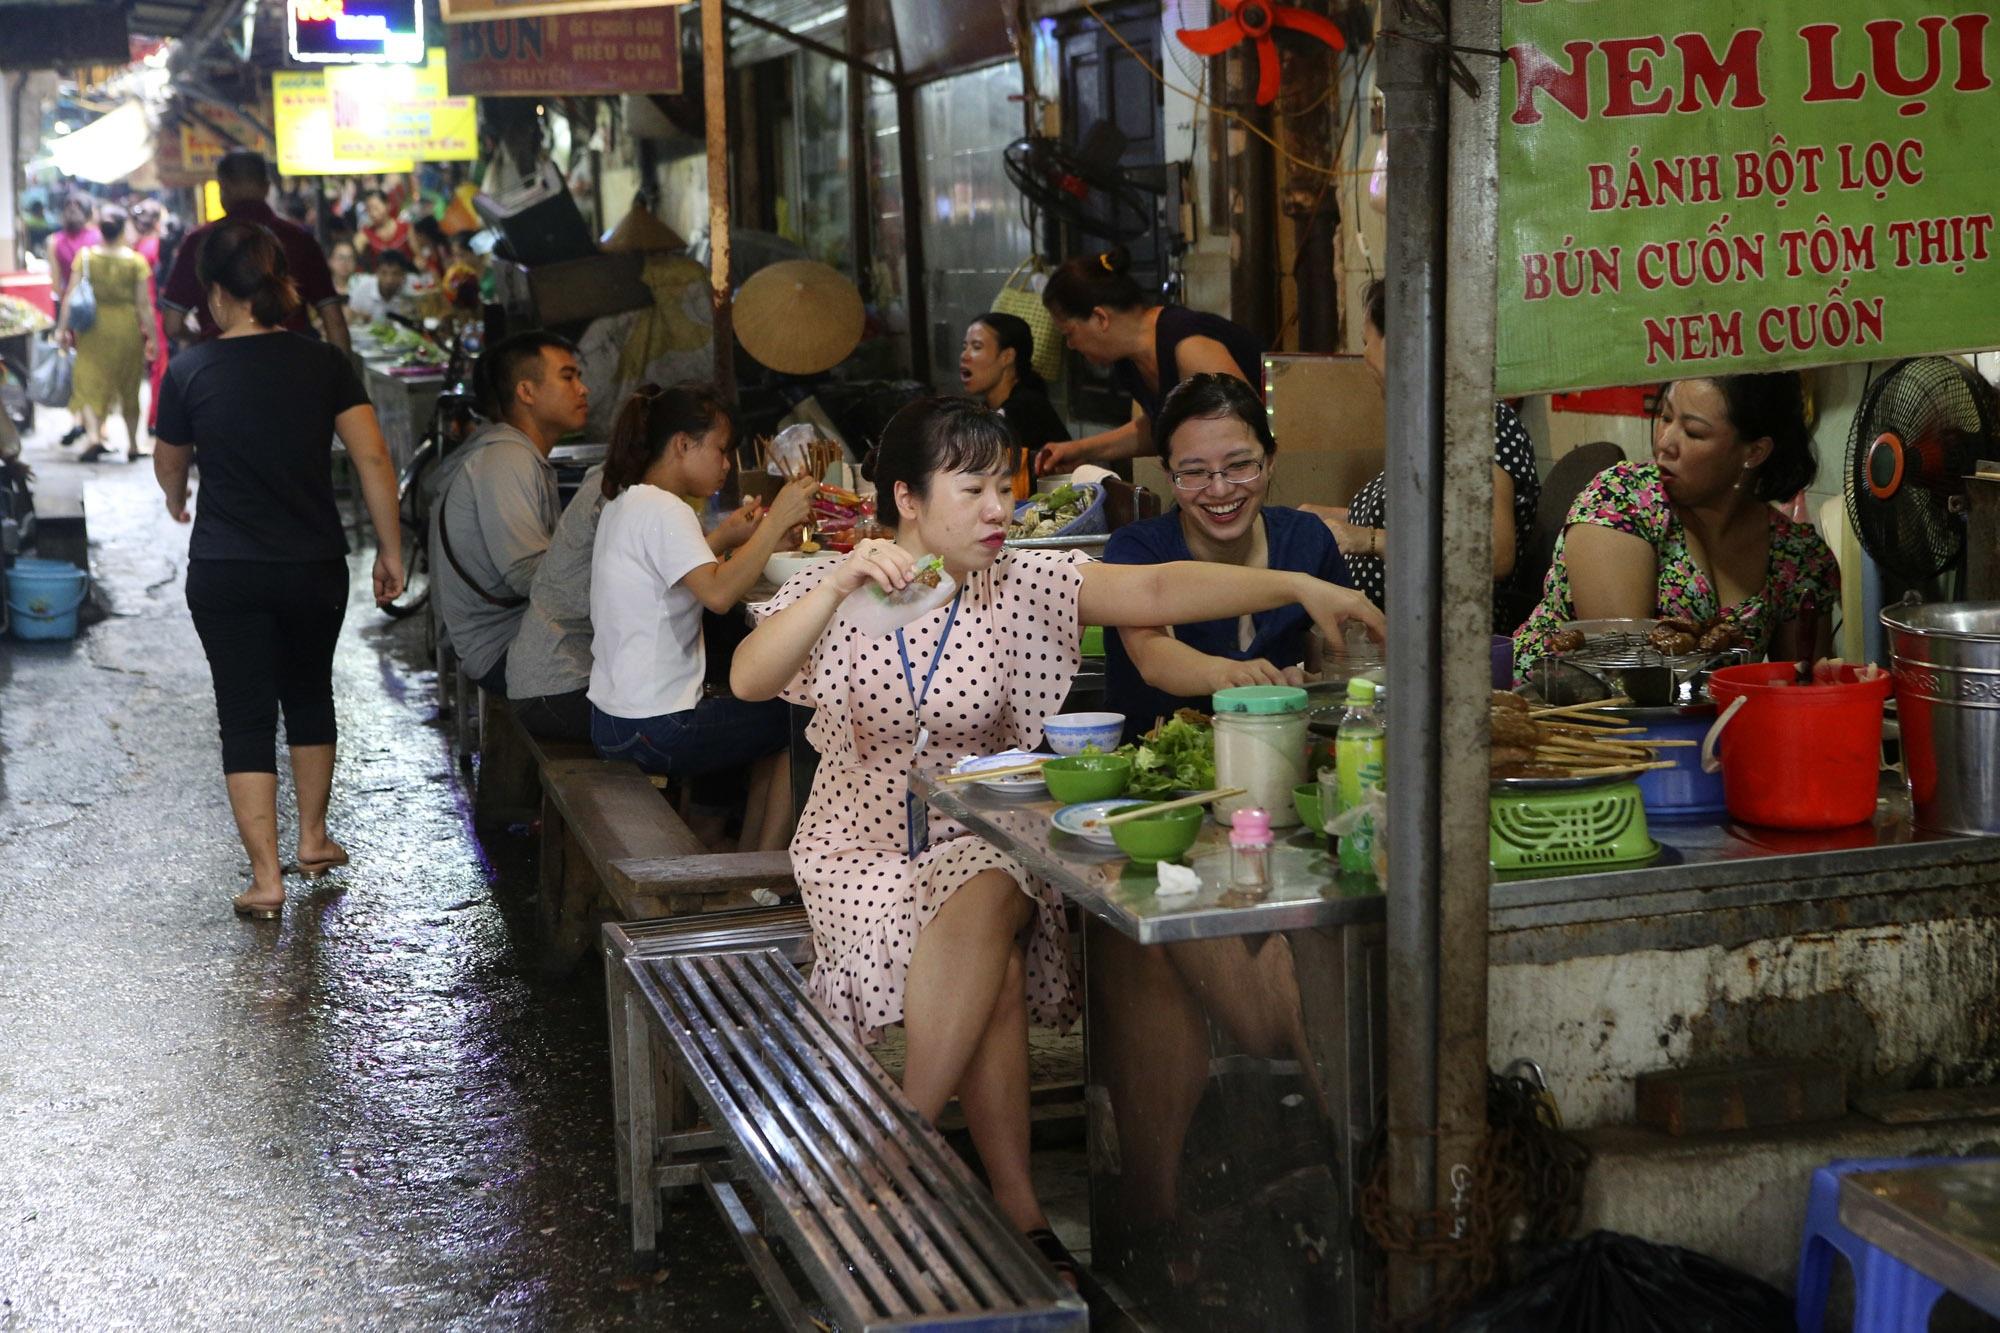 Nhịp sống sôi động trong ngõ siêu nhỏ ở phố cổ Hà Nội - 4